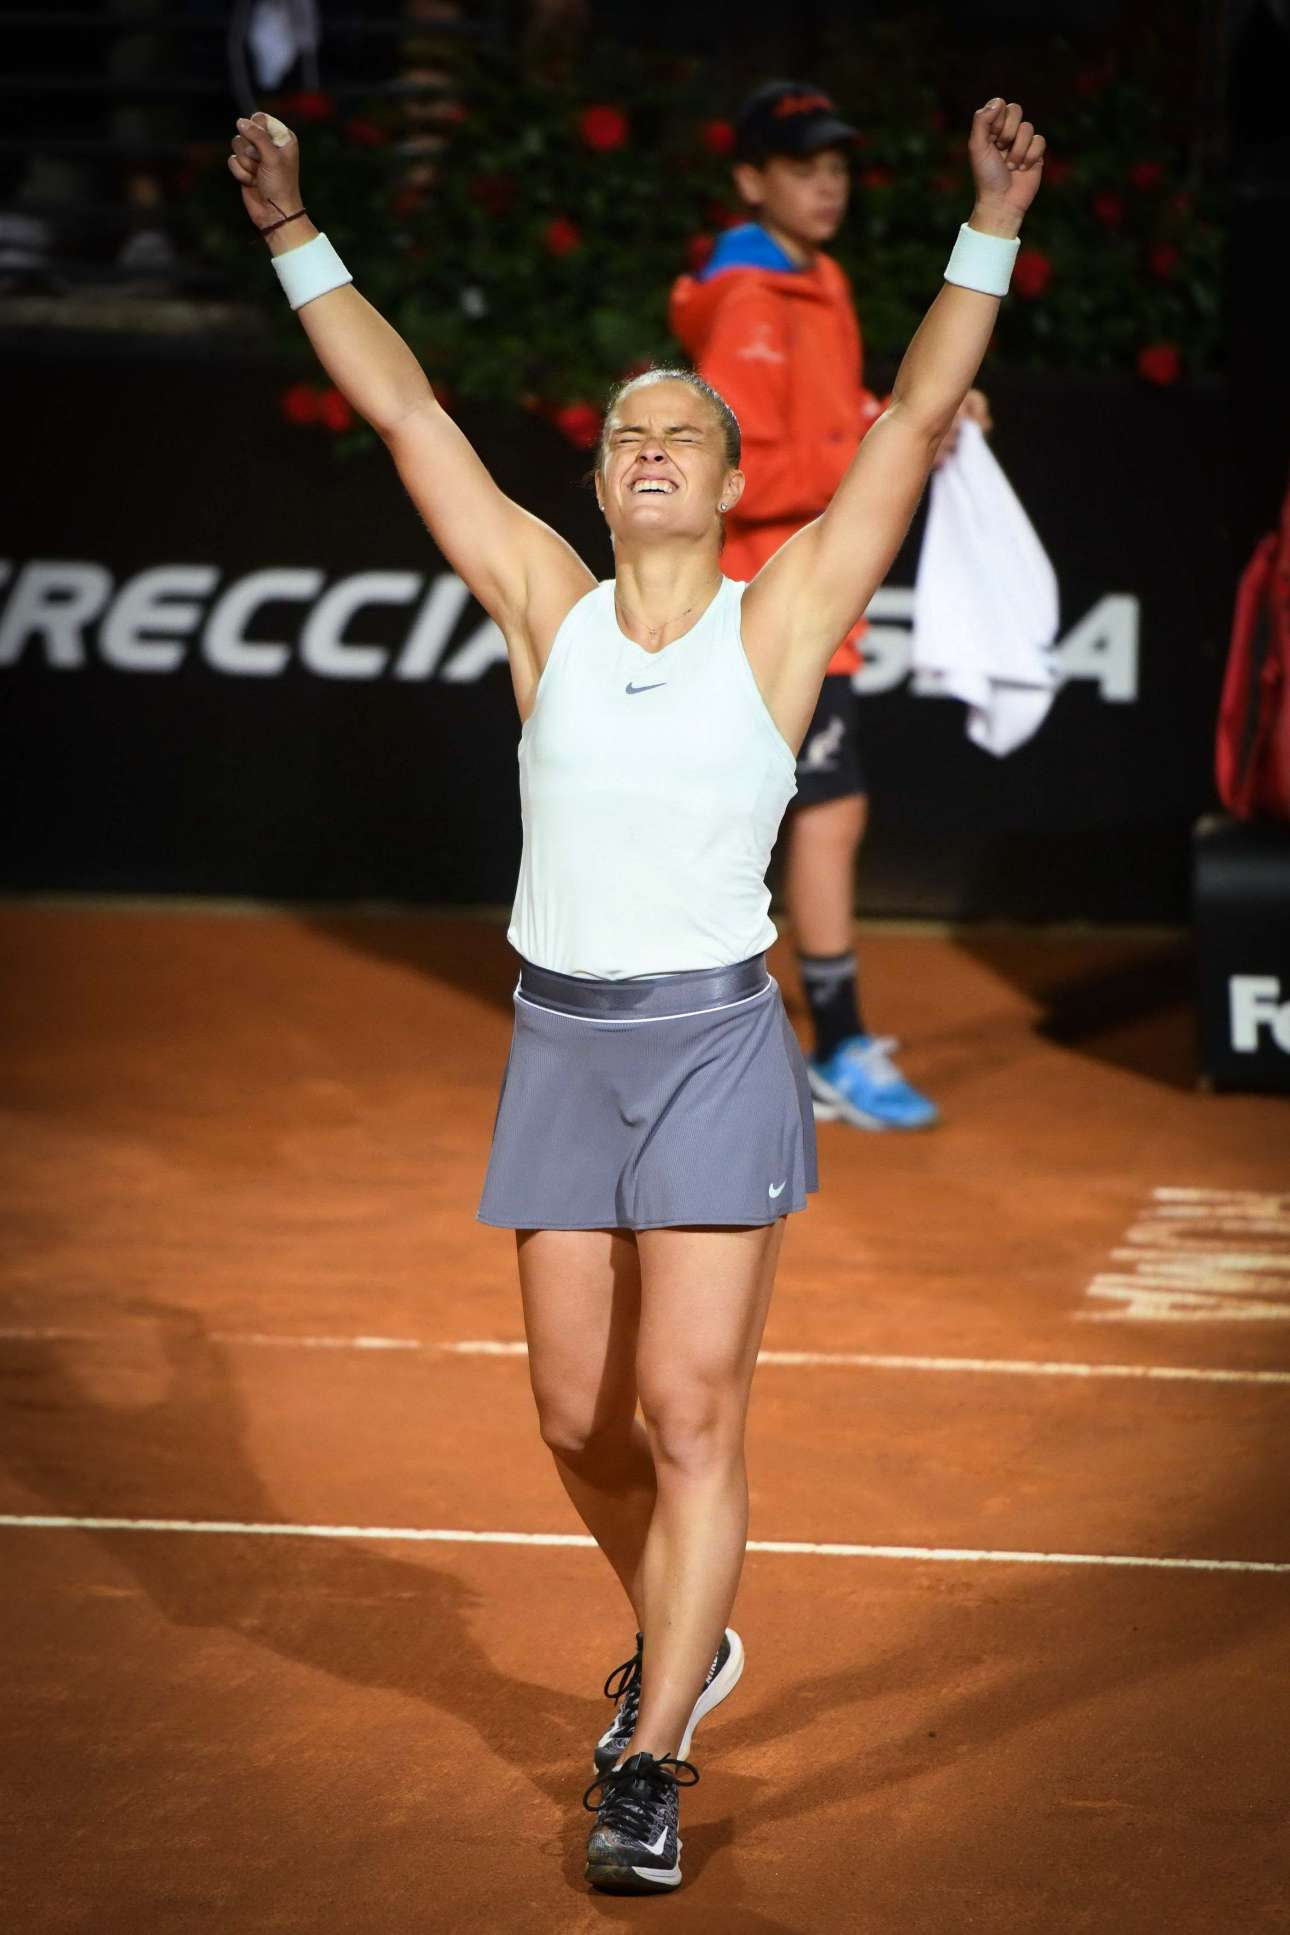 Η Σάκκαρη ευτυχισμένη, πανηγυρίζει τη νίκη της επί της Κριστίνα Μλαντένοβιτς, στον προημιτελικό